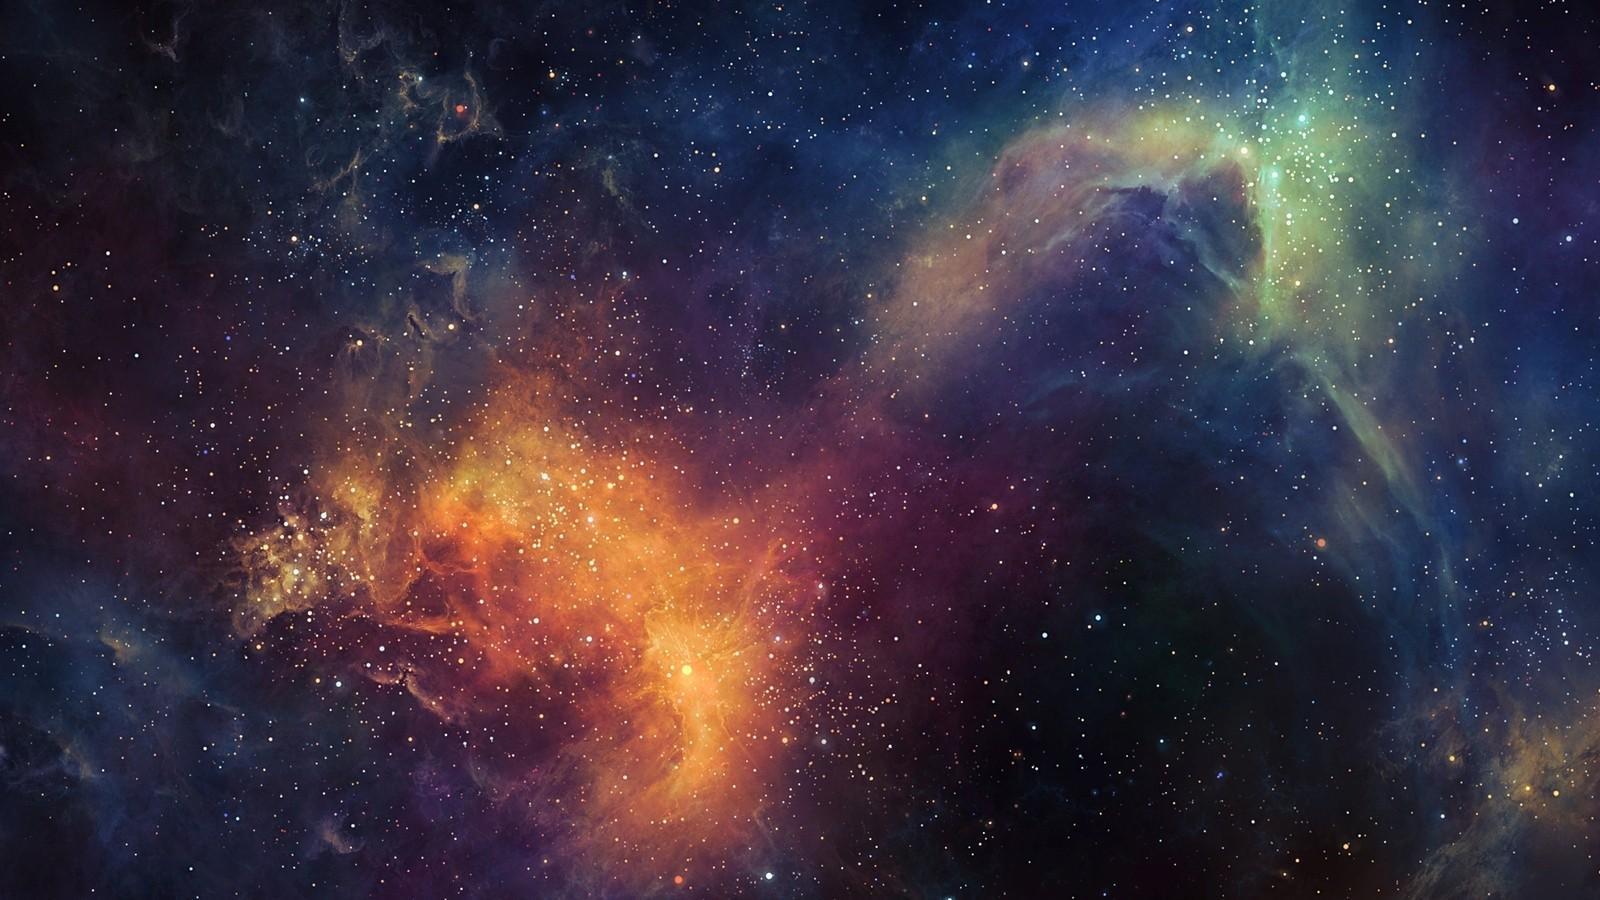 1600x900 Stars Space hình nền